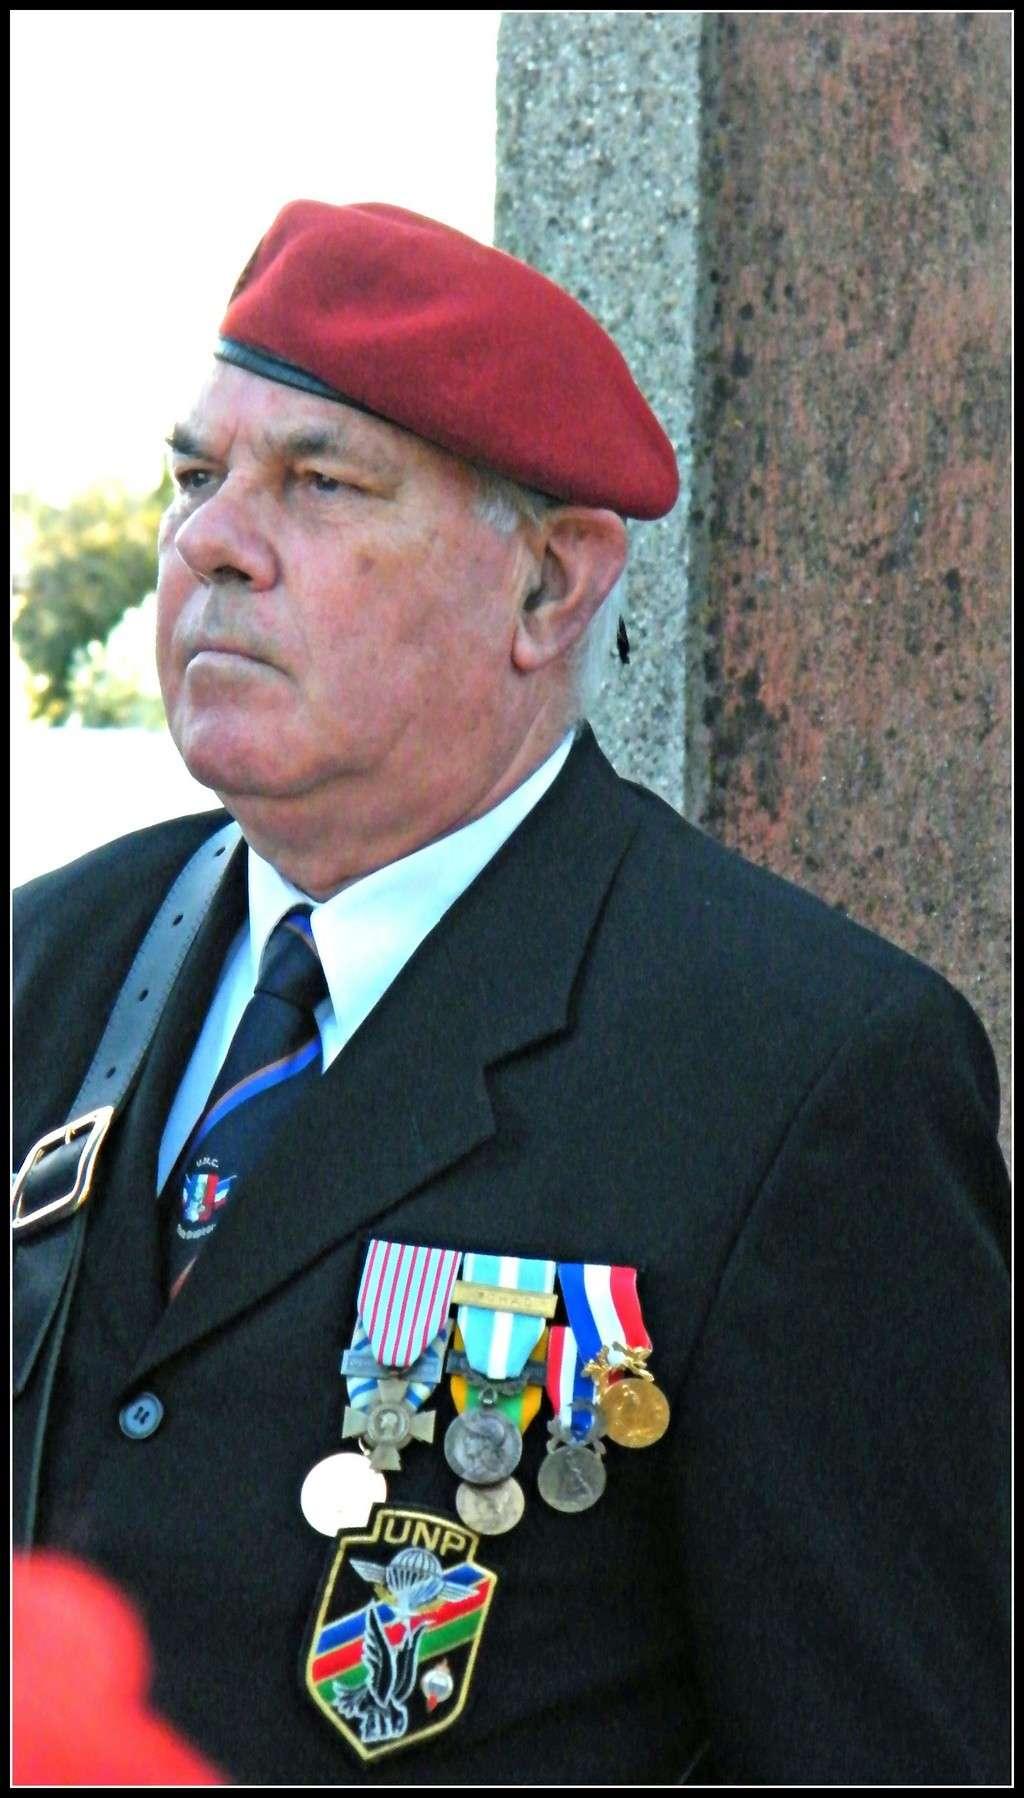 [ Associations anciens Marins ] Le père de la flamme peut reposer en paix Dscf5912